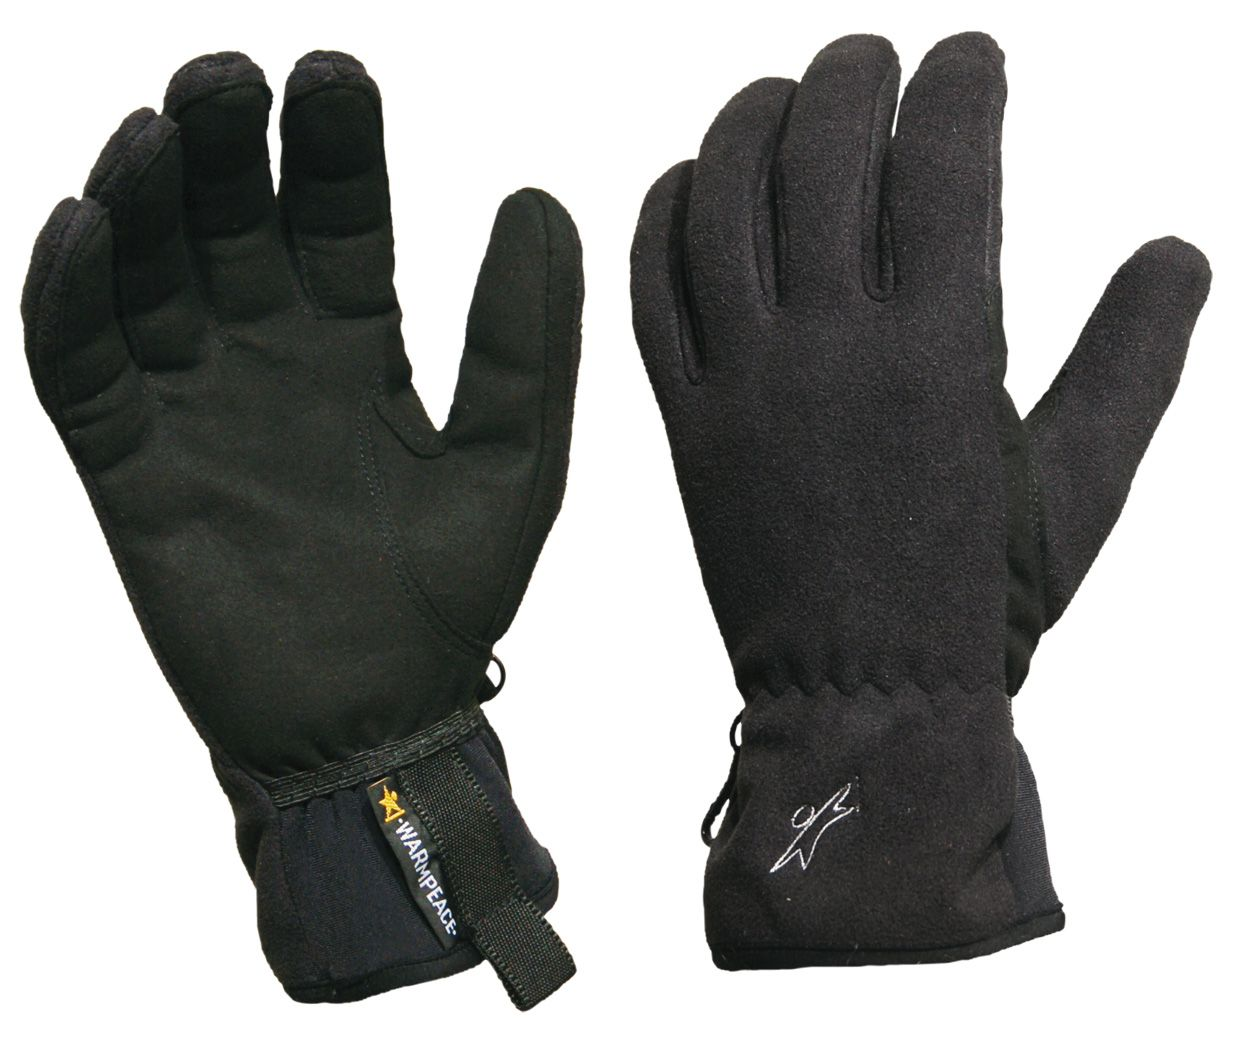 Outdoorix - Warmpeace Finstorm black rukavice